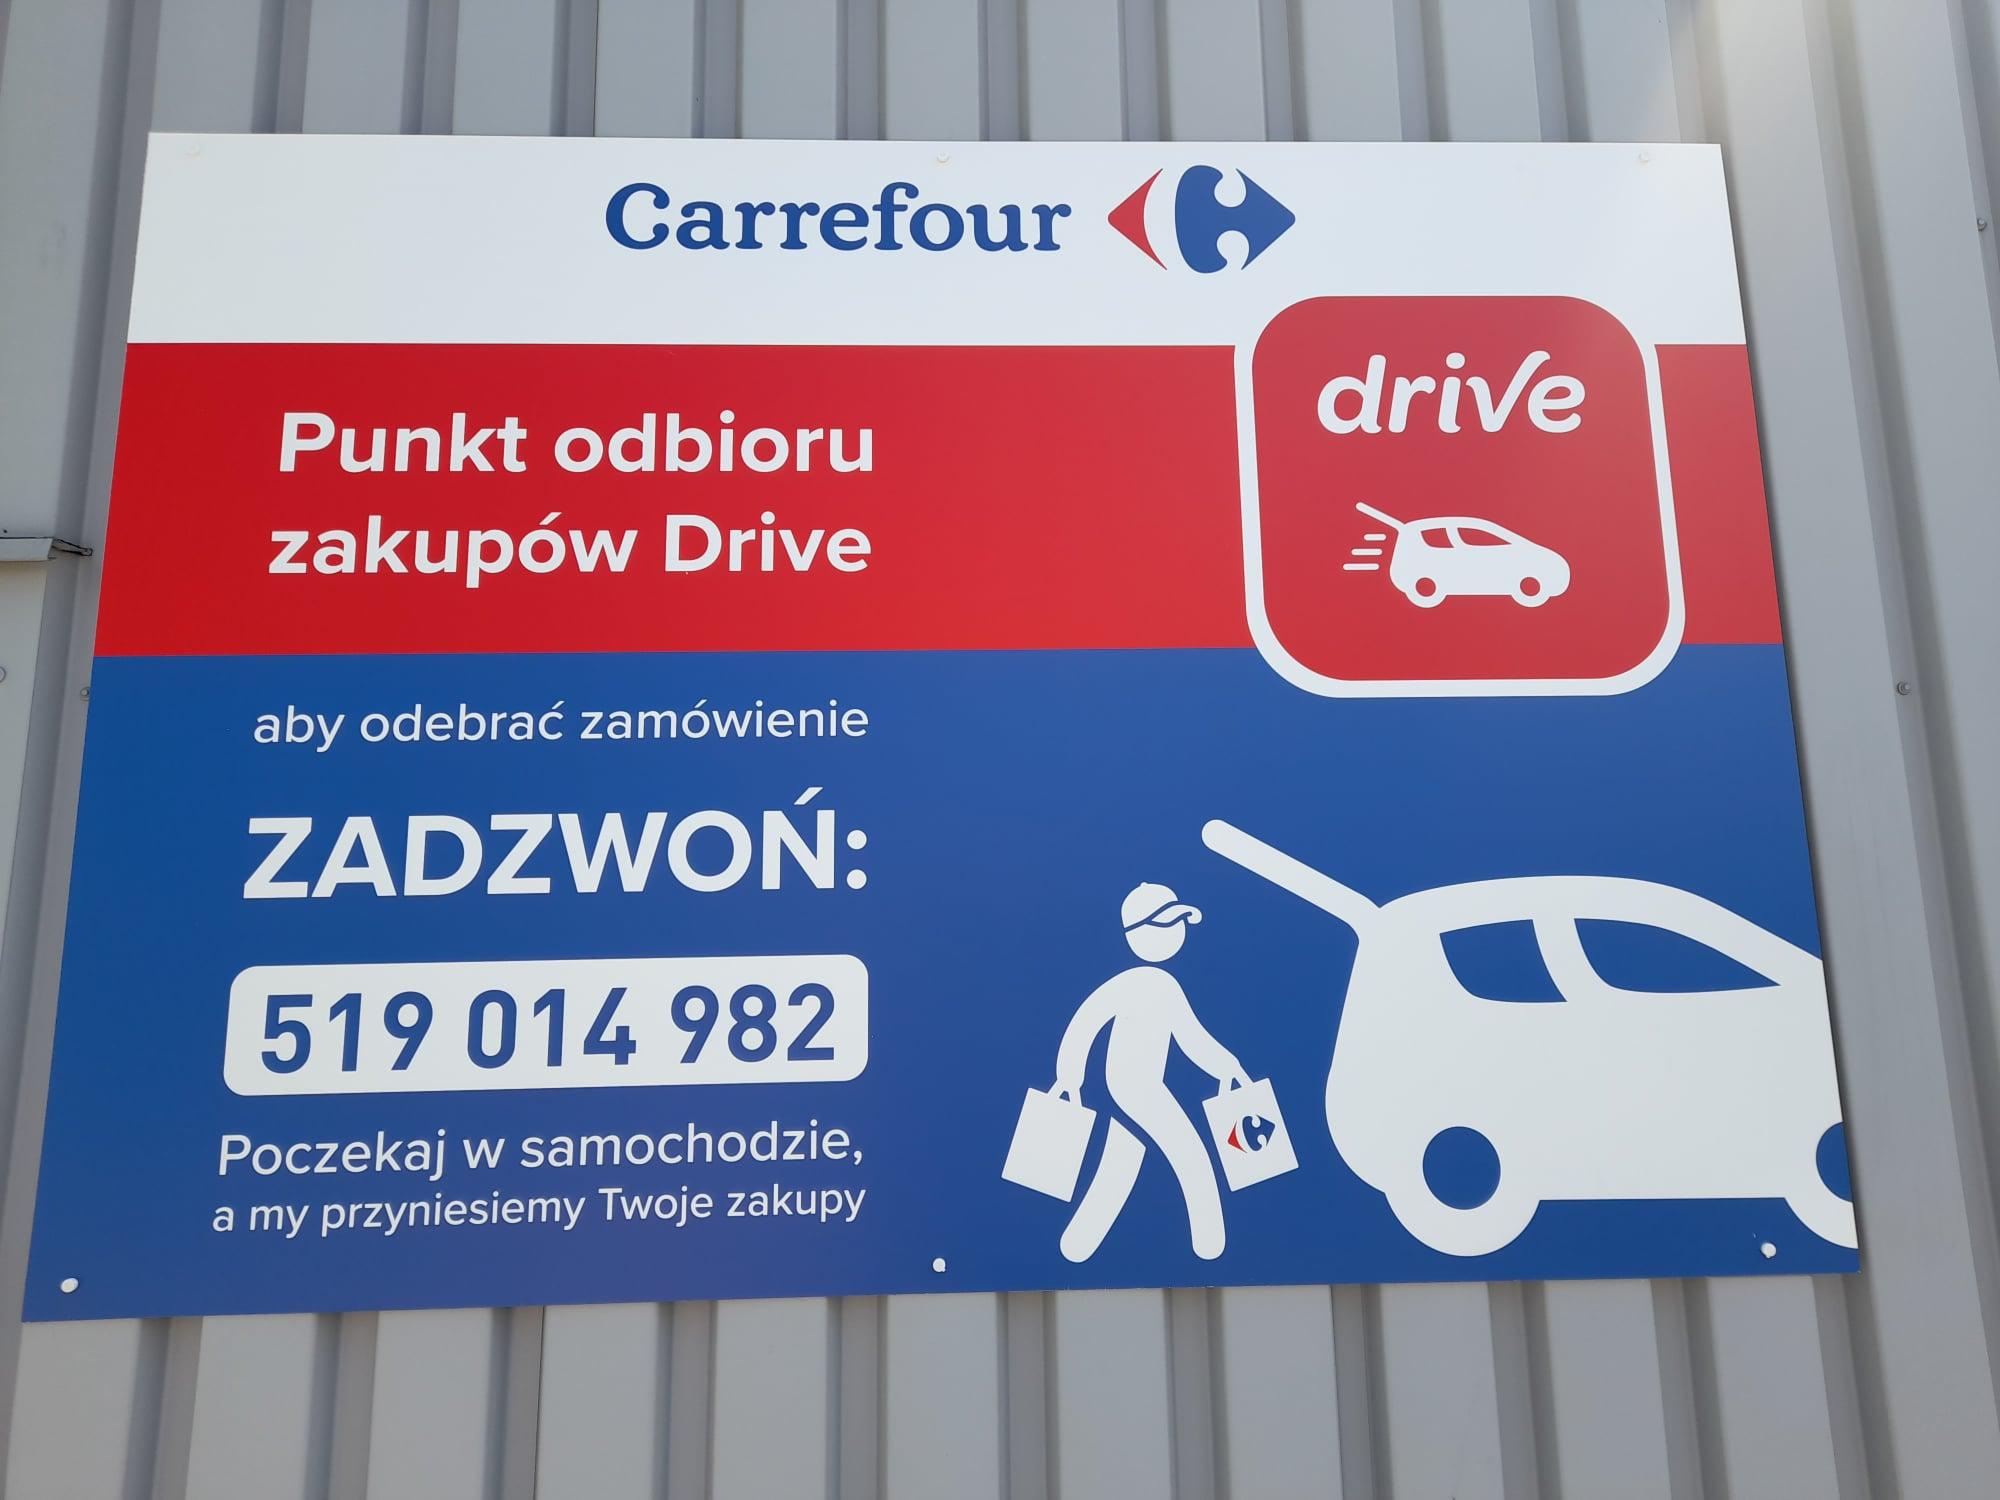 Carrefour rozszerzył usługę Carrefour Drive o ponad 50 punktów odbioru